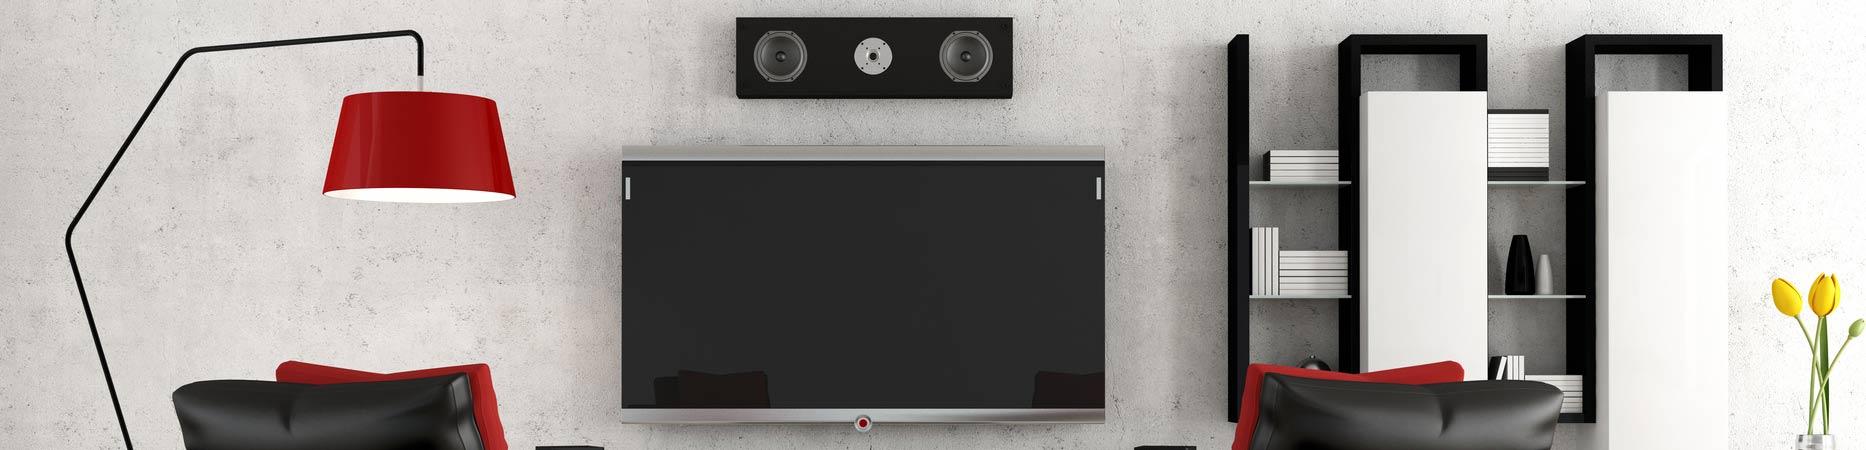 LeslievilleGeek TV Installation Toronto